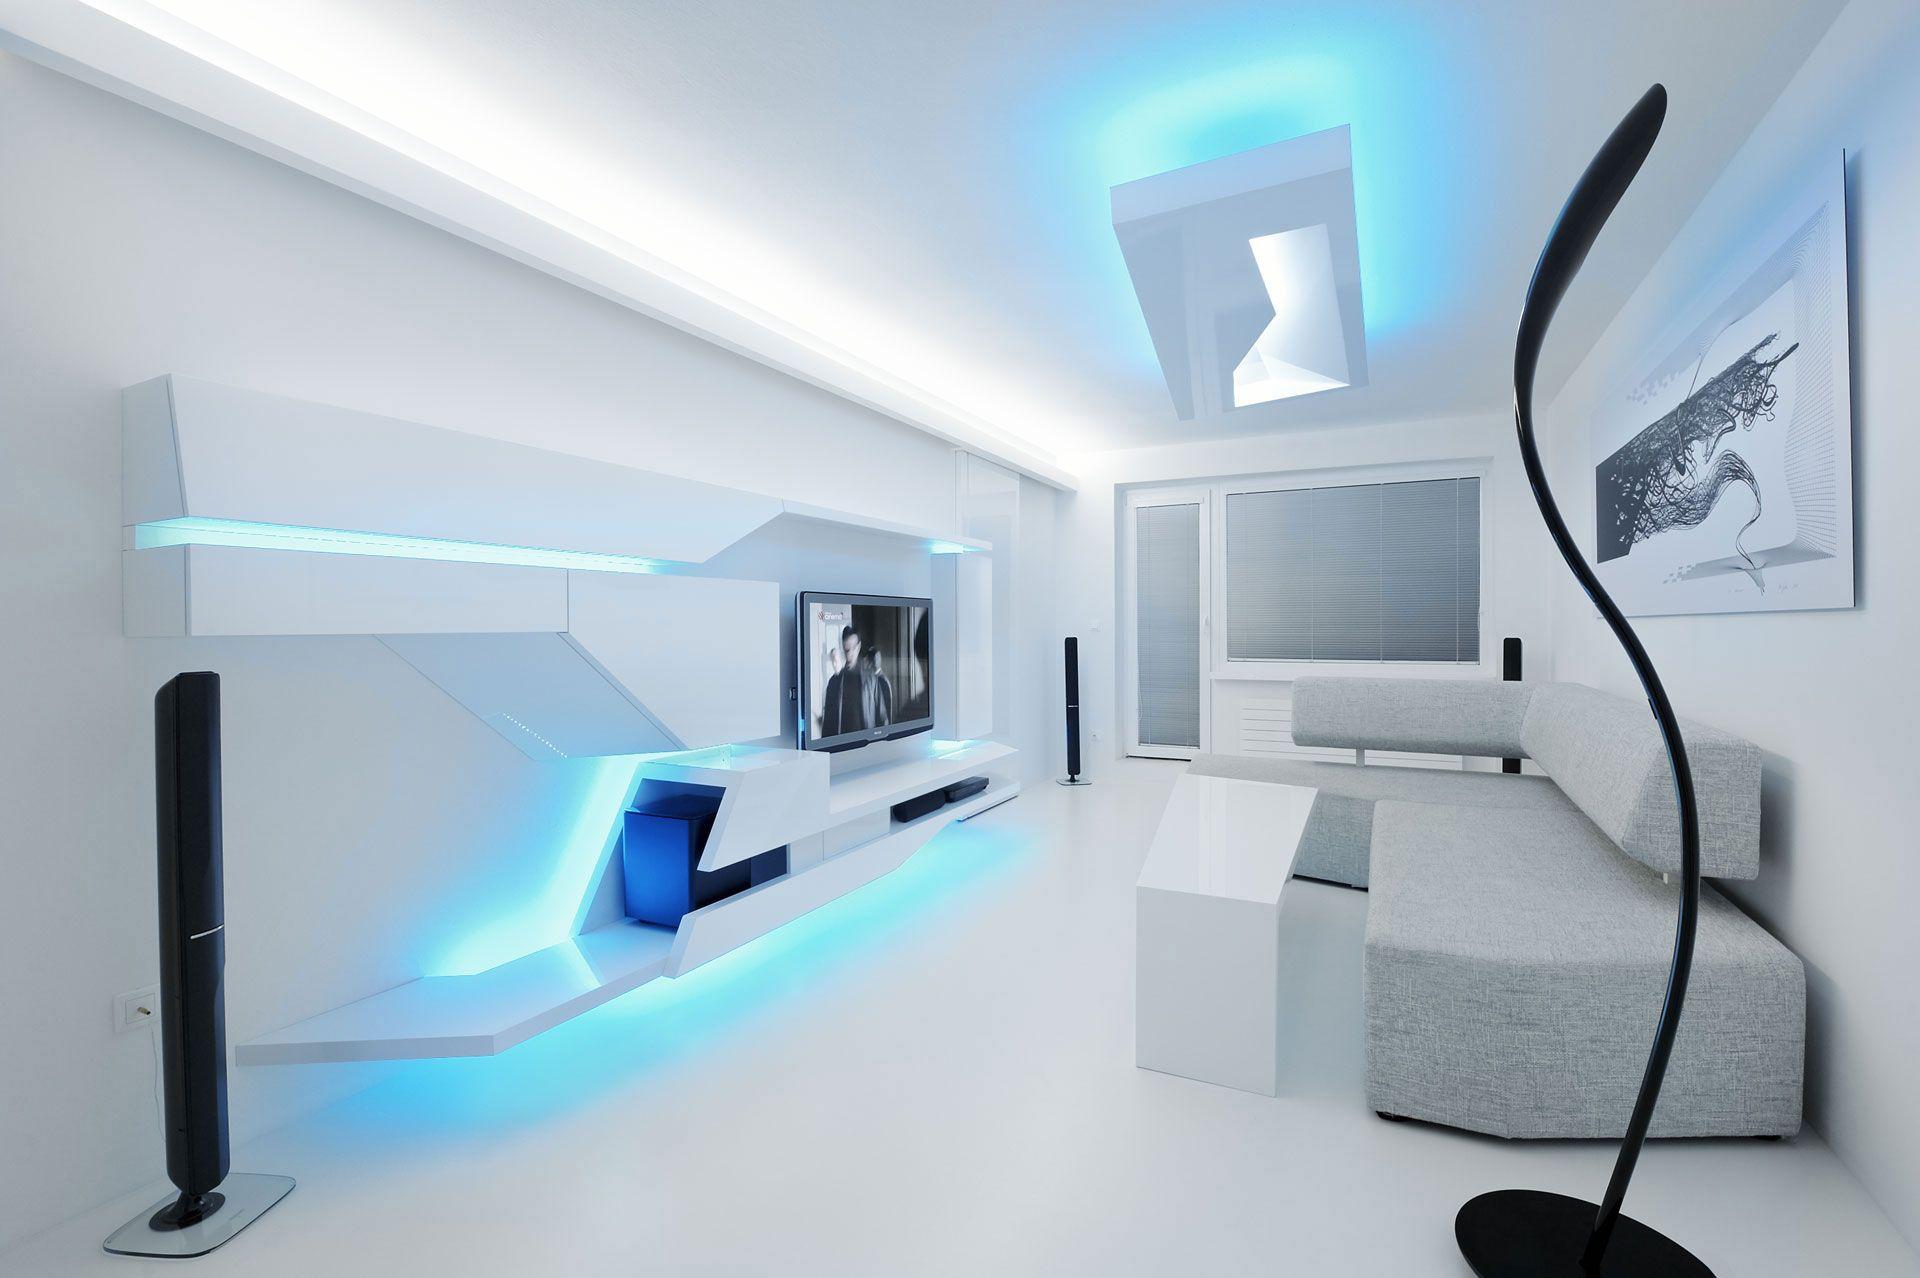 Estudio apartamento blanco con iluminaci n azul en techo y frente de sal n decoraci n ideas en Diseno interior futurista